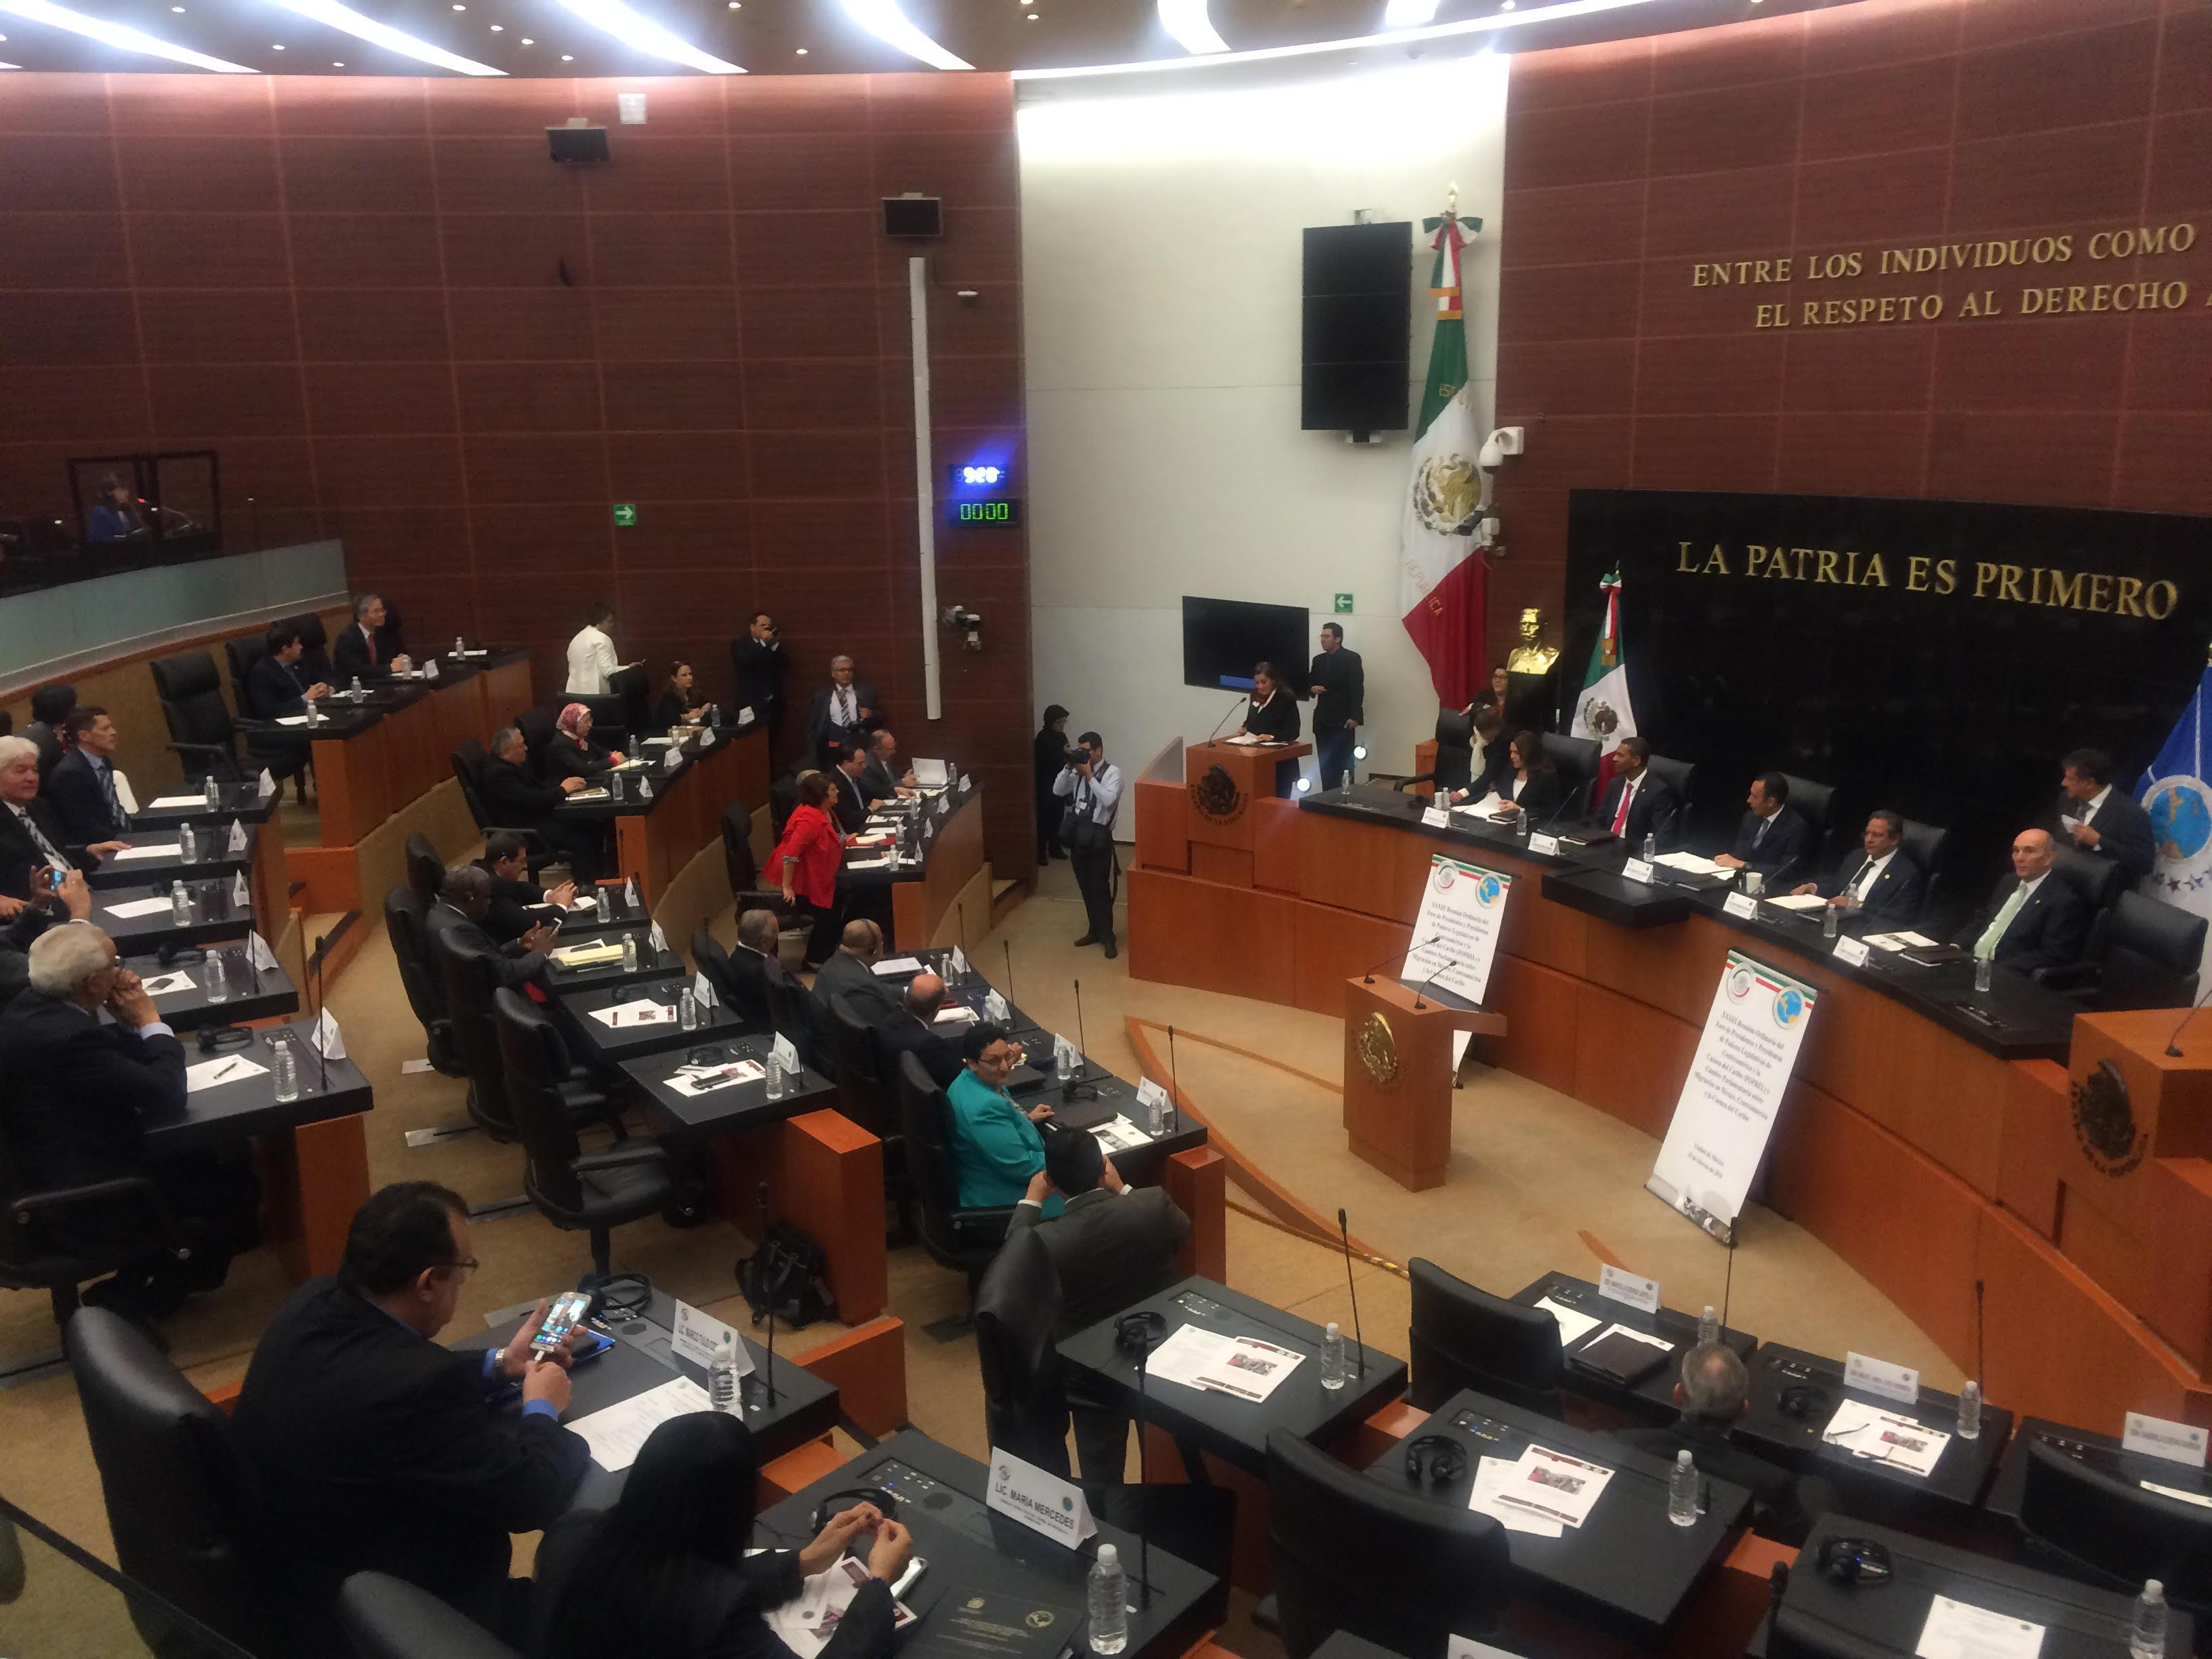 الطالبي العلمي يشارك بمكسيكو سيتي في منتدى رؤساء المؤسسات التشريعية بأمريكا الوسطى ودول الكاريبي